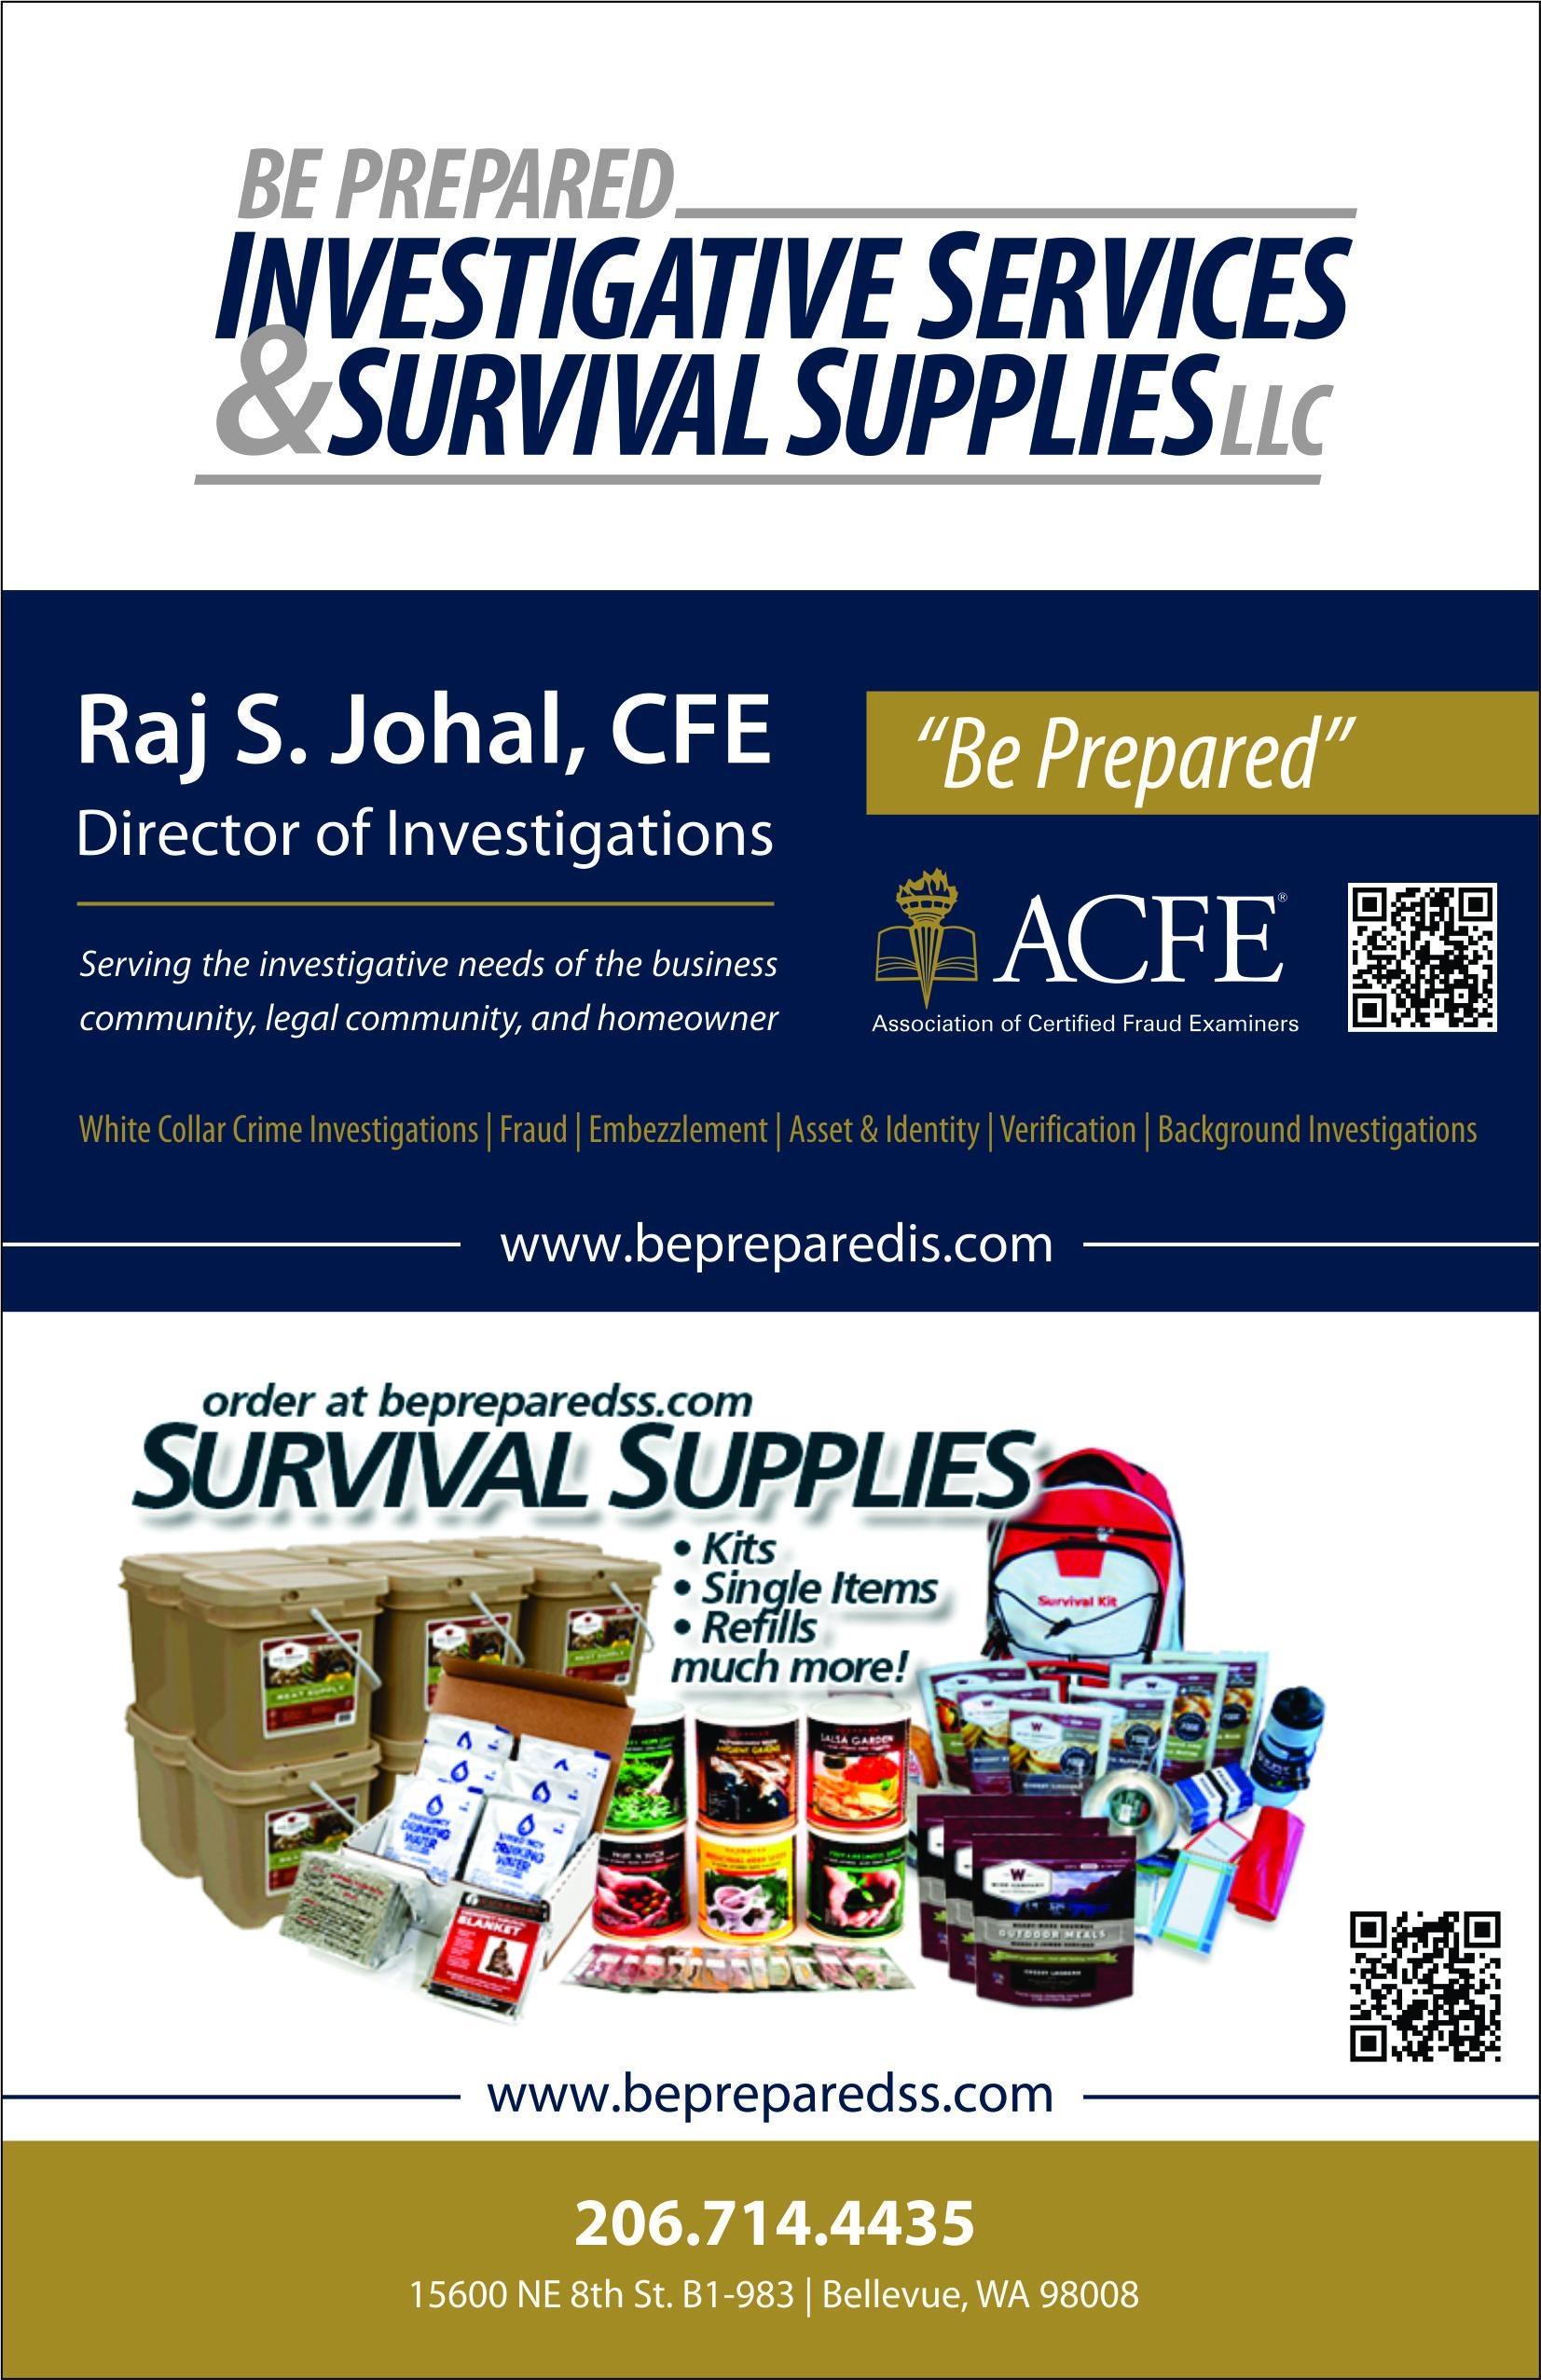 Be Prepared Investigative Services and Survival Supplies LLC - Bellevue, WA - Private Investigators